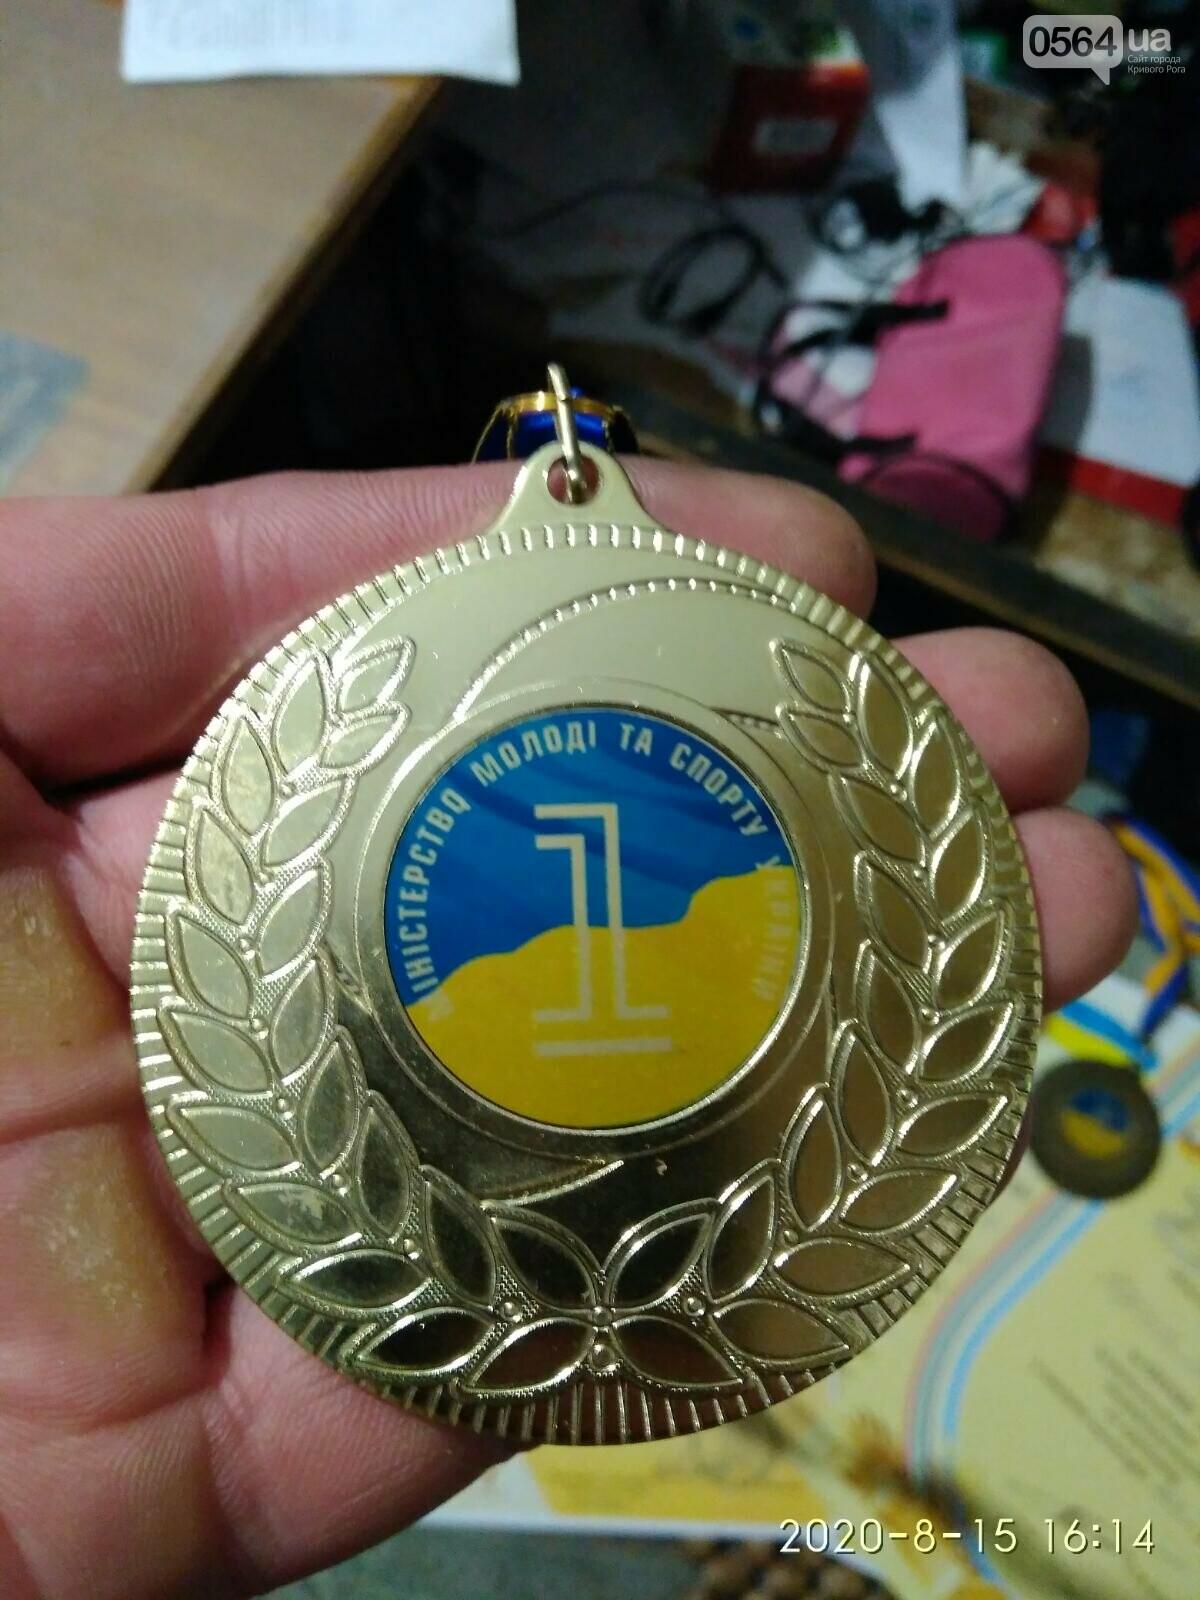 Велогонщики из Кривого Рога стали лучшими на чемпионате Украины среди ветеранов, - ФОТО, фото-8